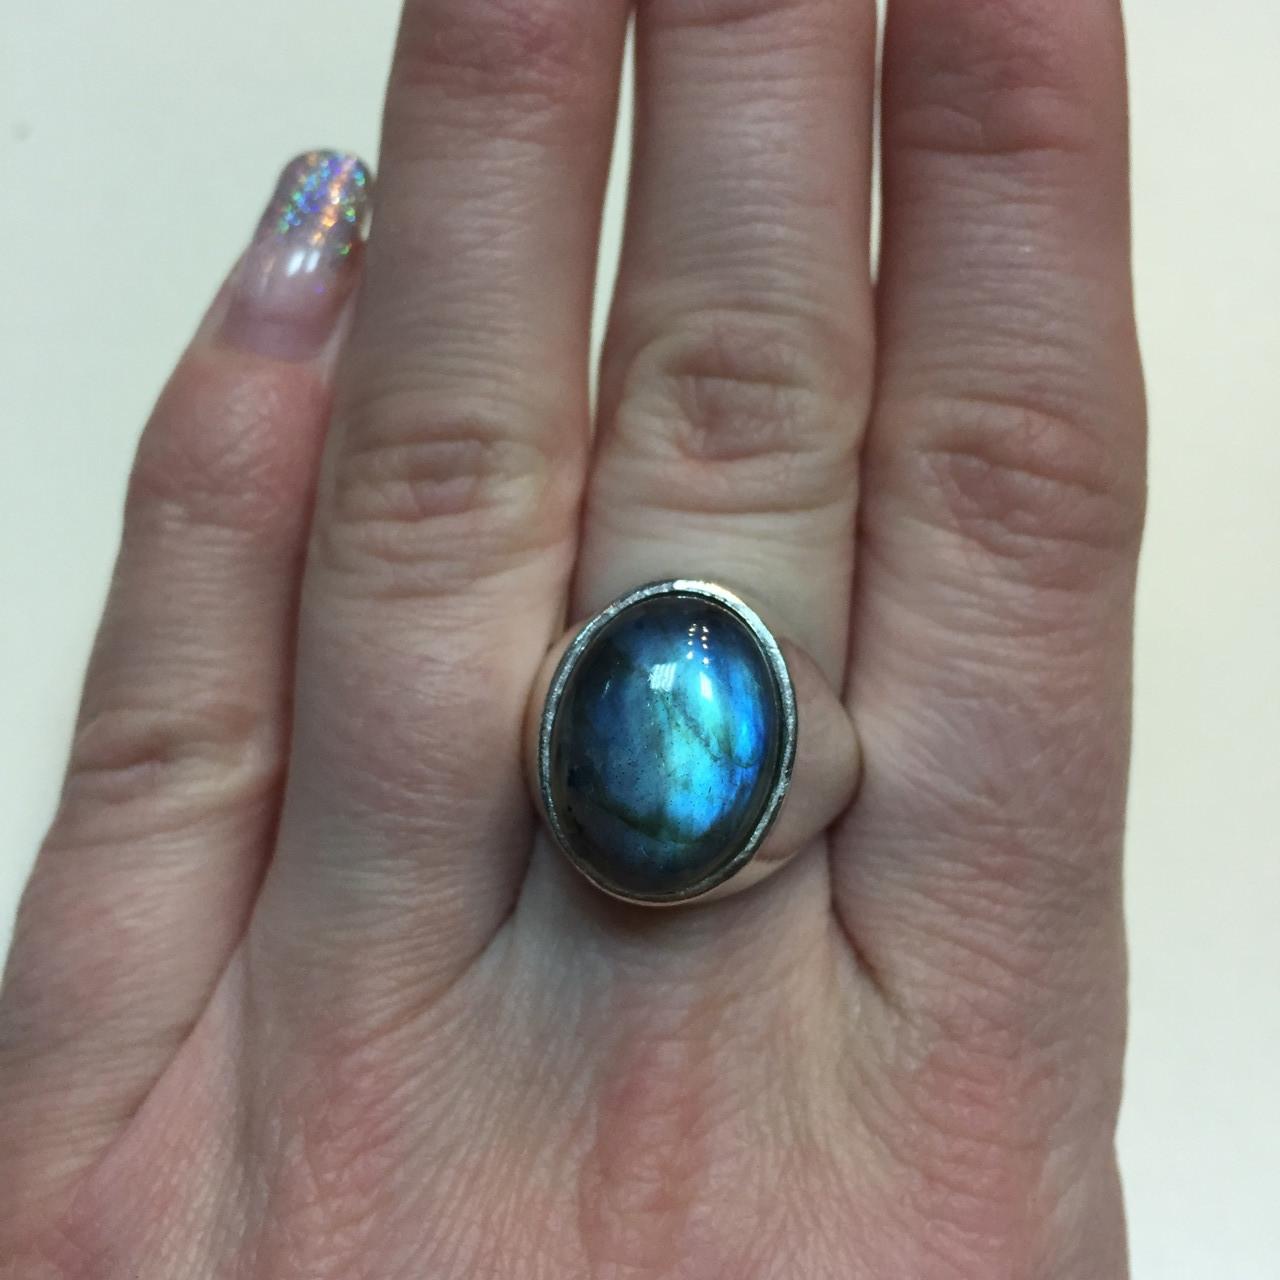 Кольцо лабрадор в серебре перстень с лабрадором 18 размер Индия